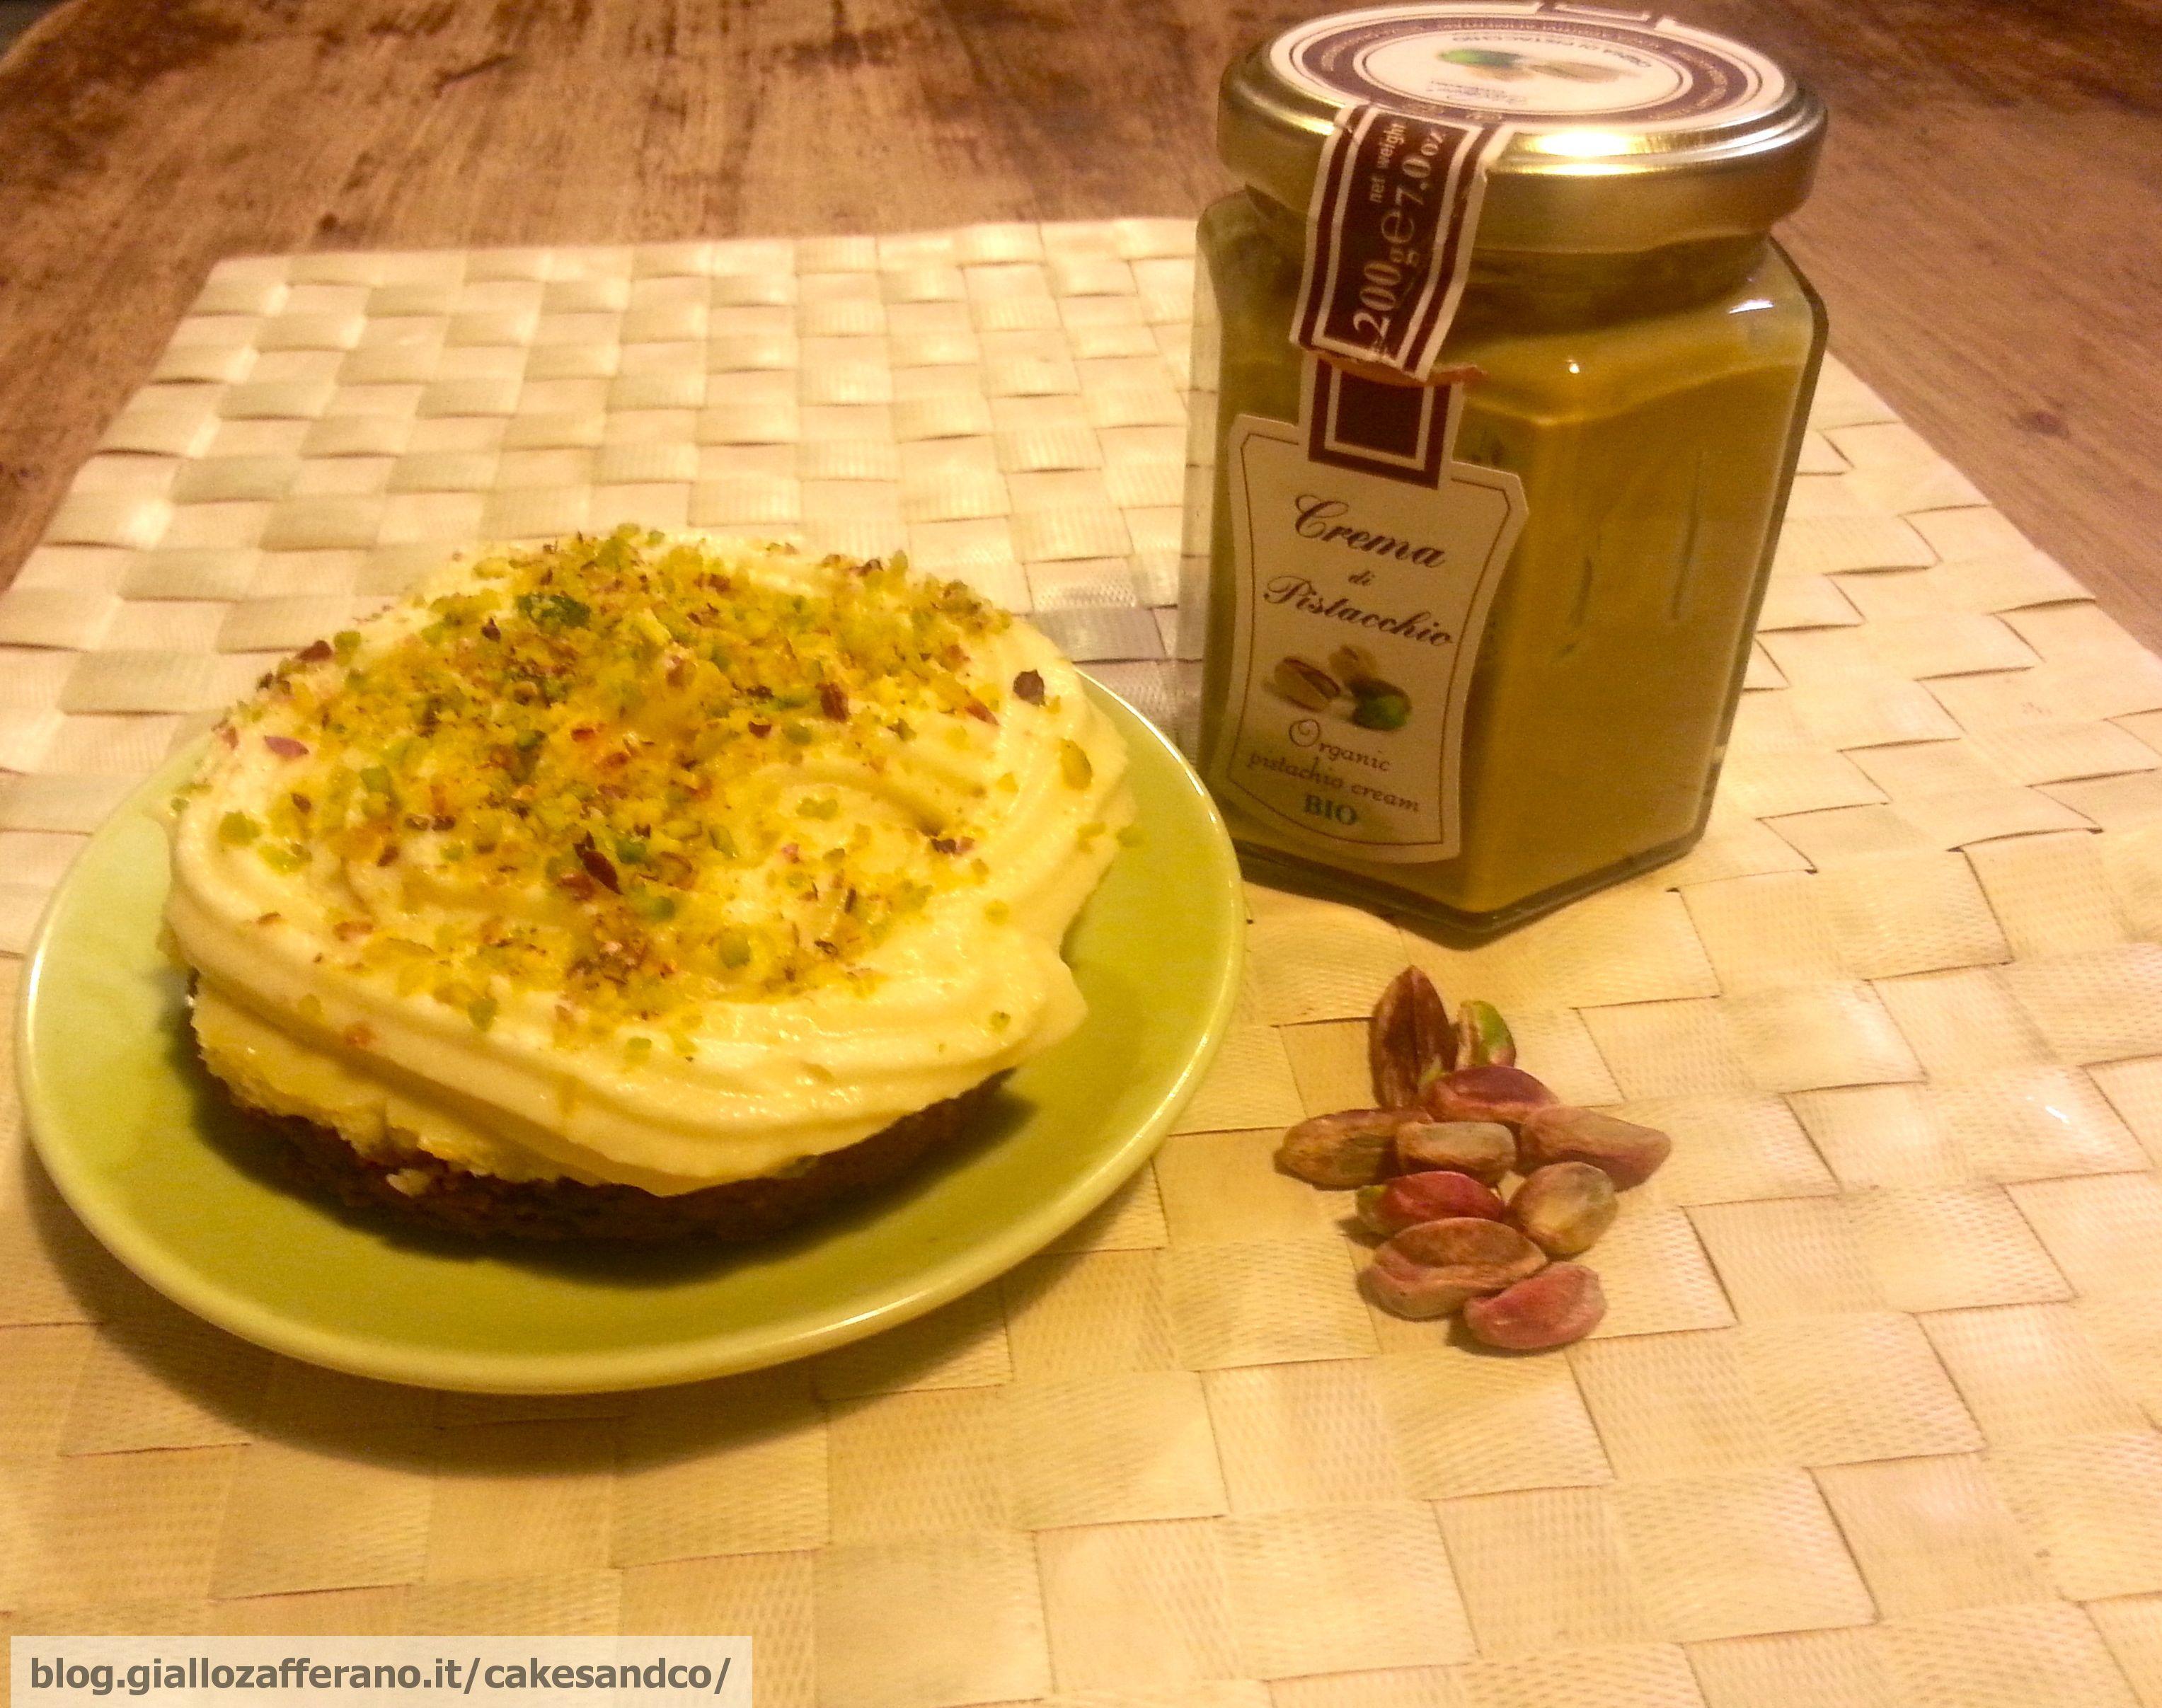 Mini cheesecake al pistacchio e cioccolato bianco